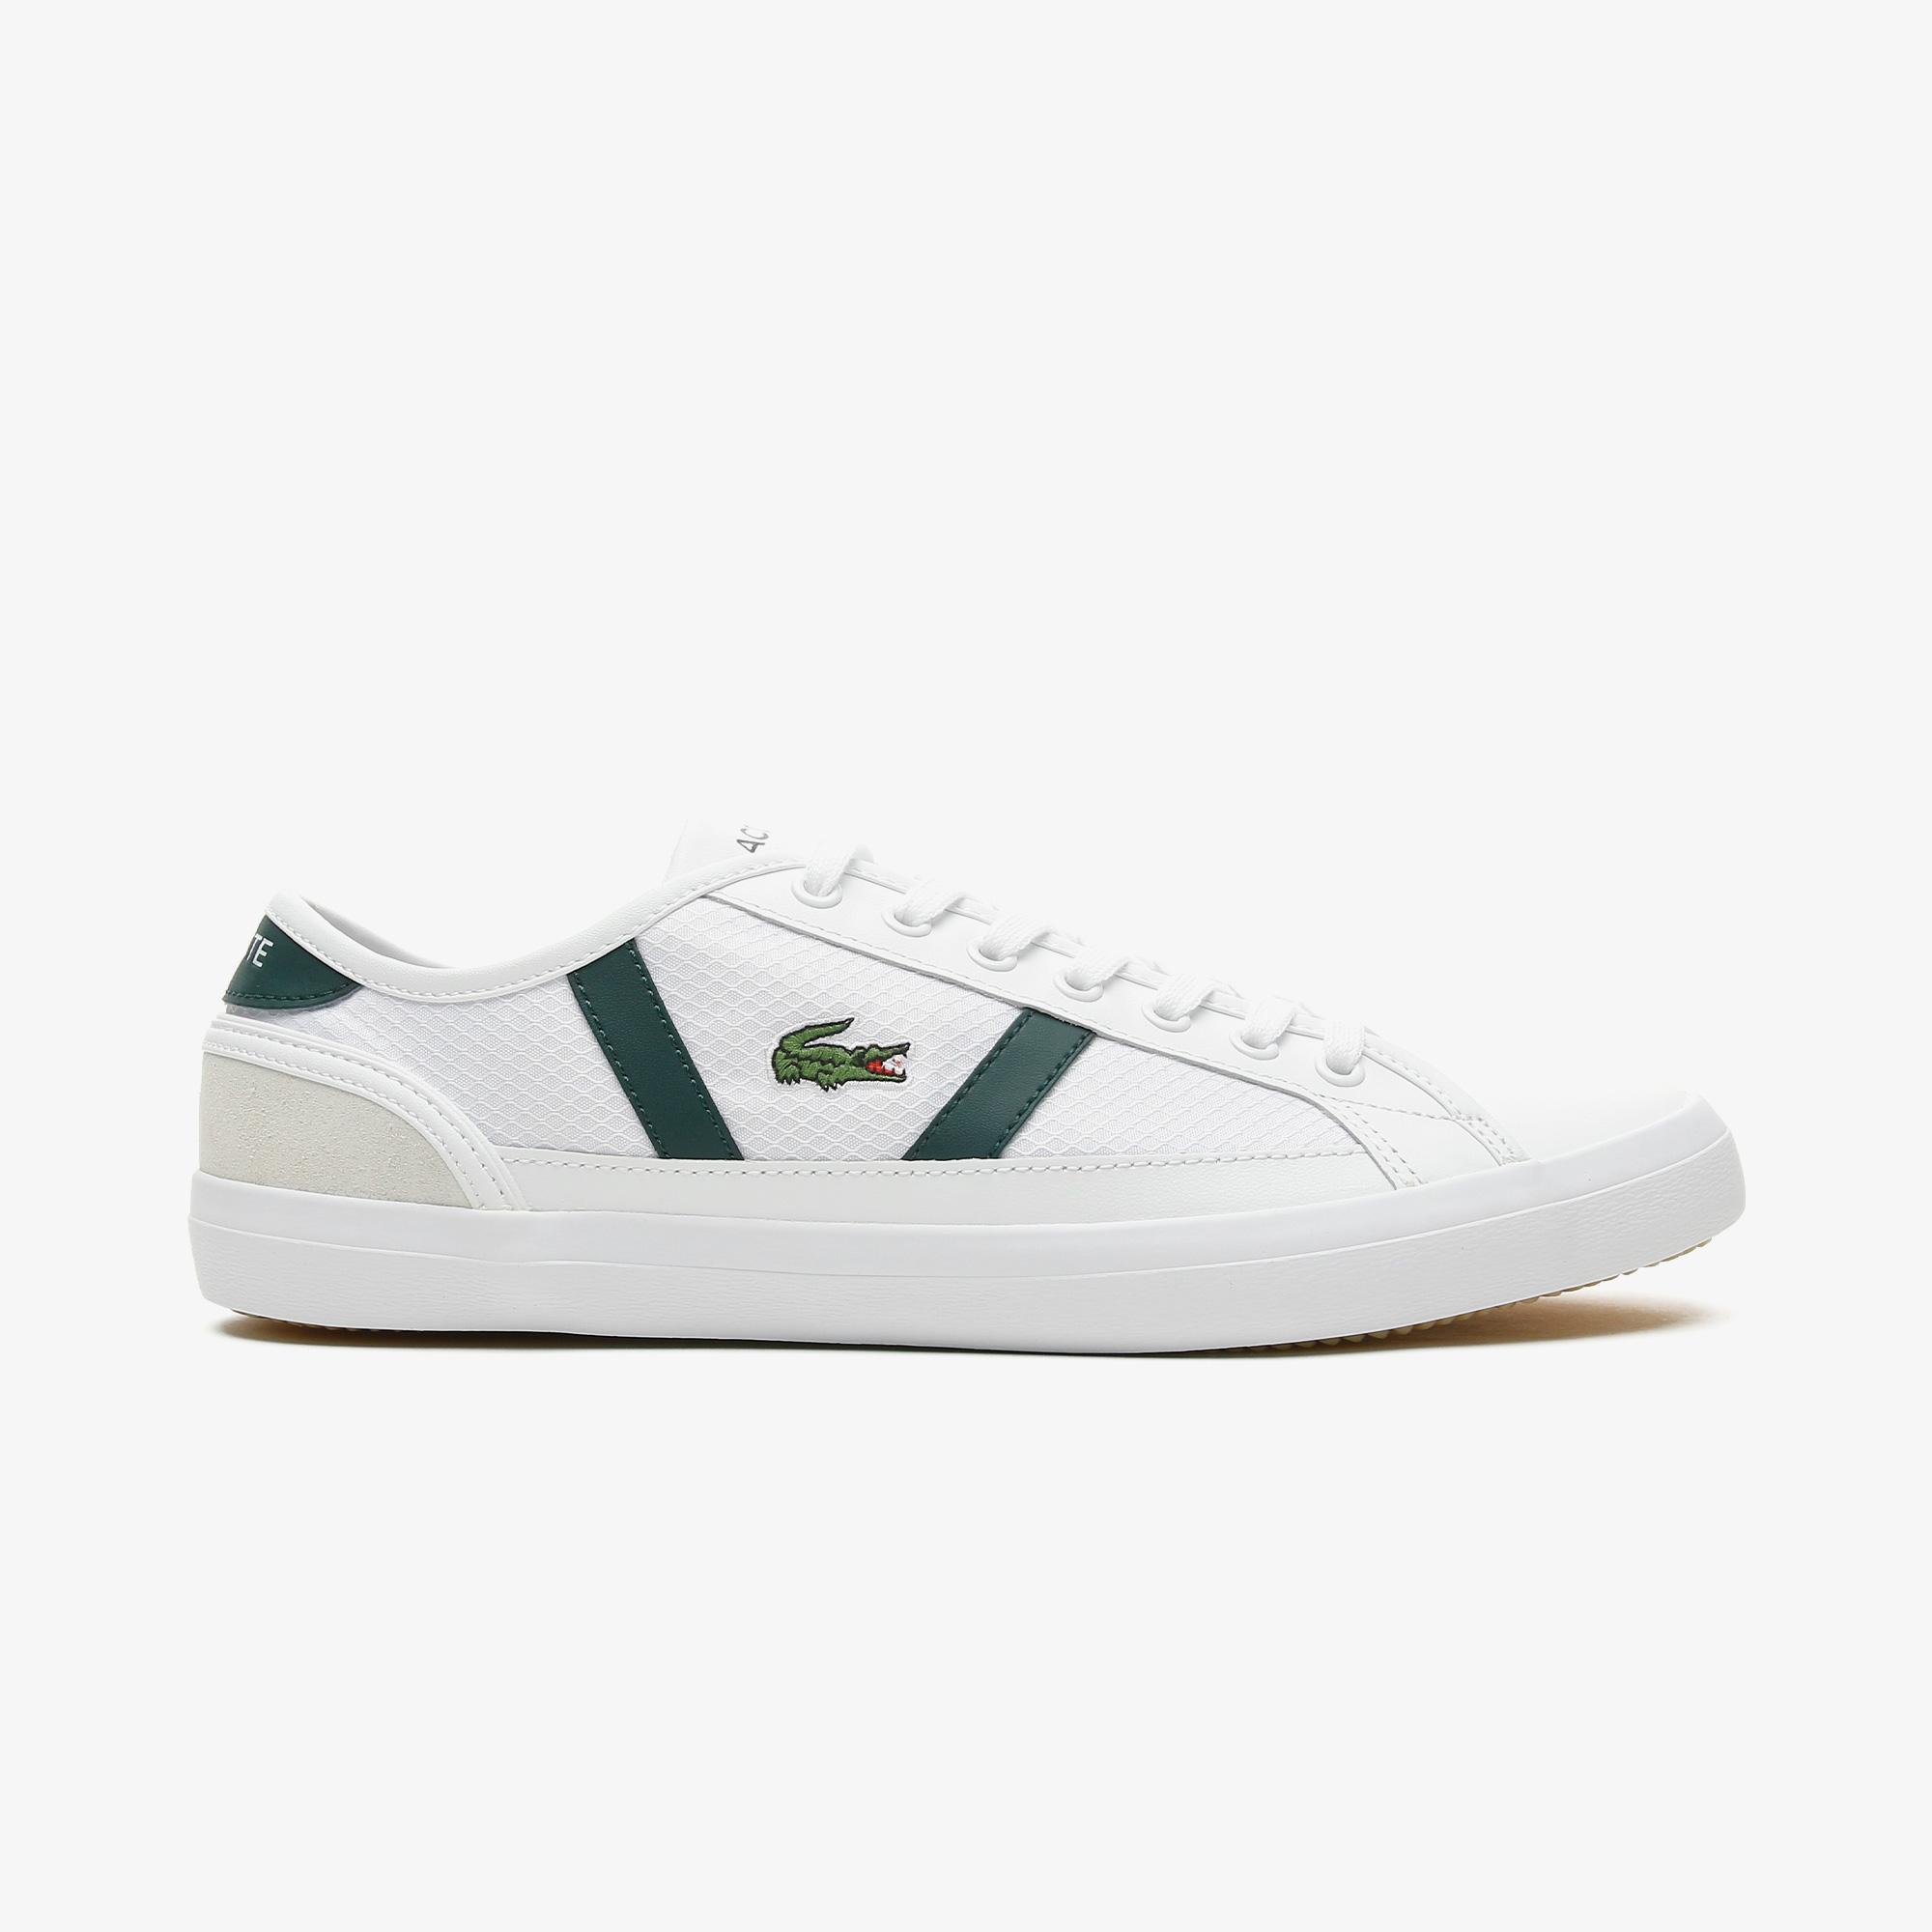 Lacoste Sideline 0721 1 Cma Erkek Beyaz - Koyu Yeşil Spor Ayakkabı